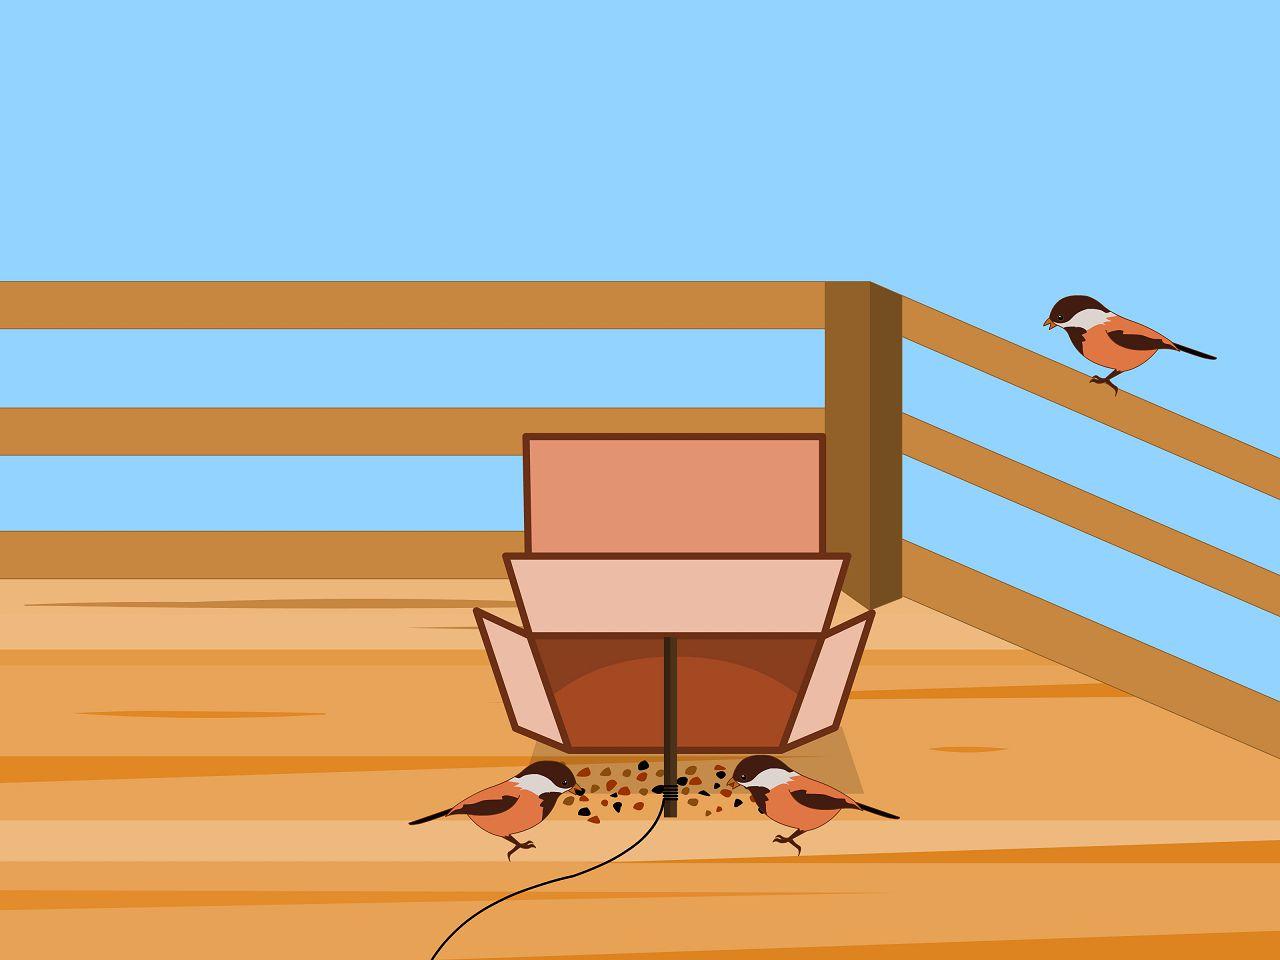 Стандартная схема ловли городских птиц